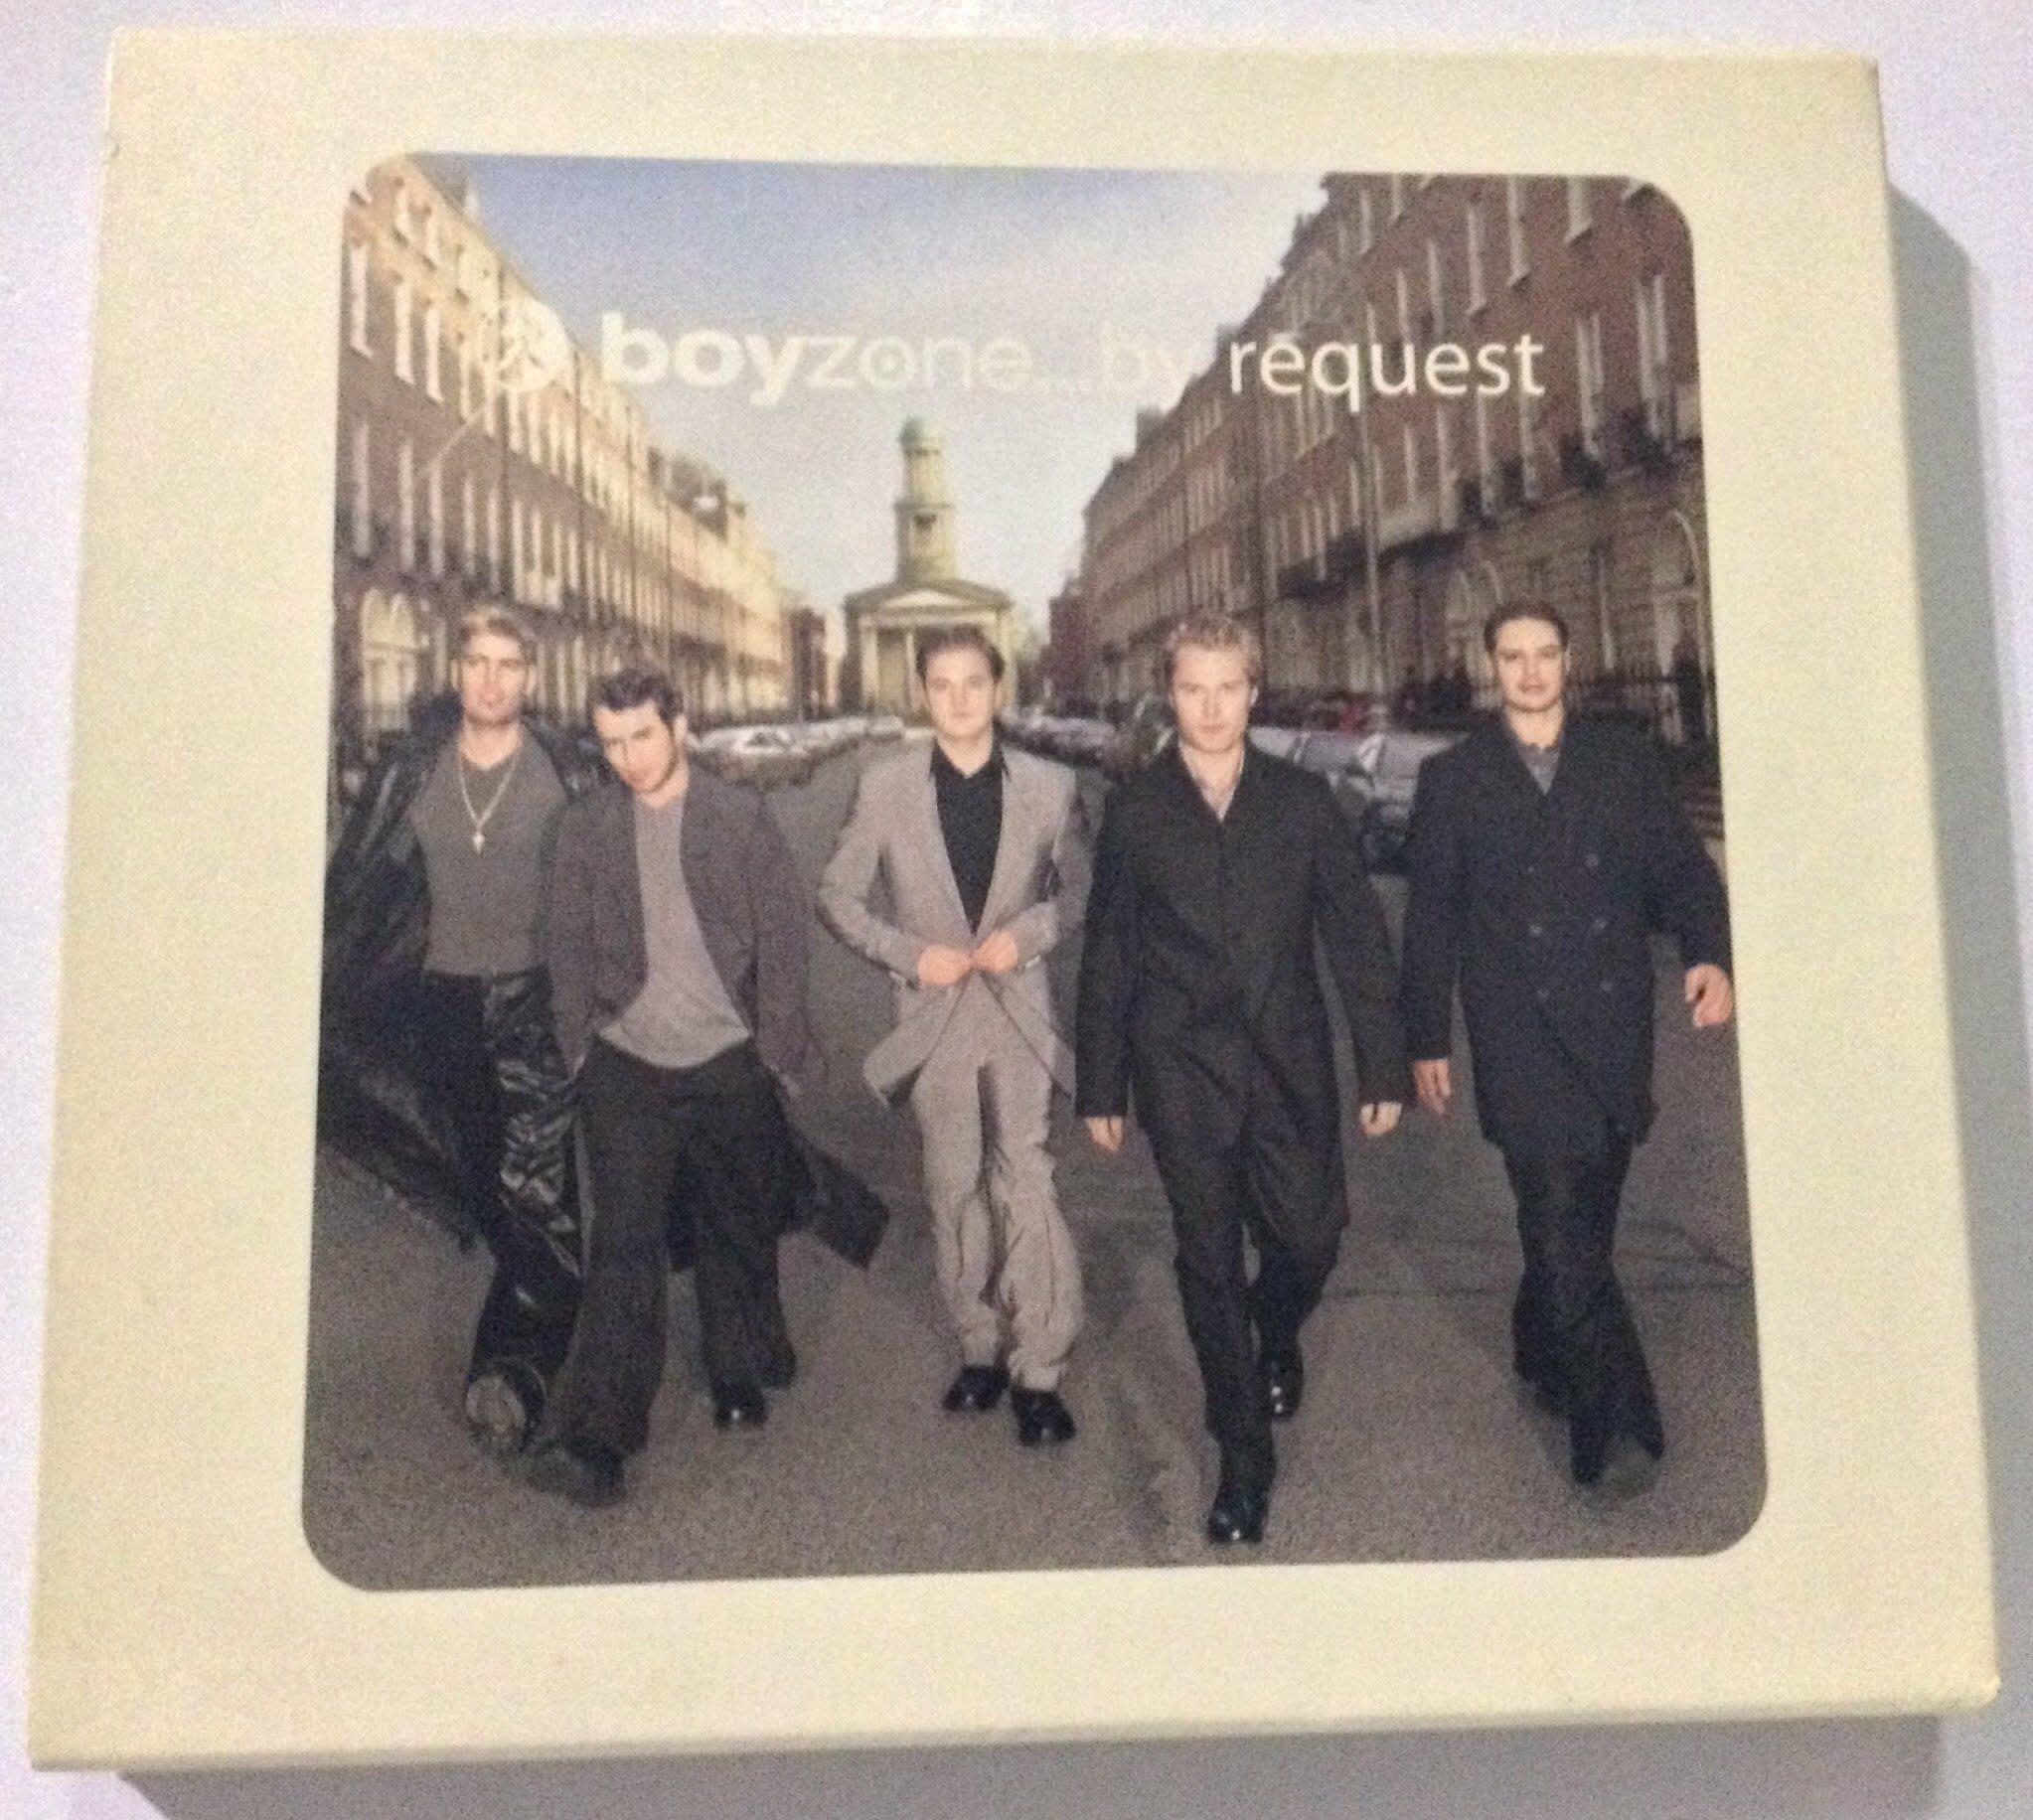 ~拉奇音樂~  boy zone  .......by  request  紙盒版  二手保存良好